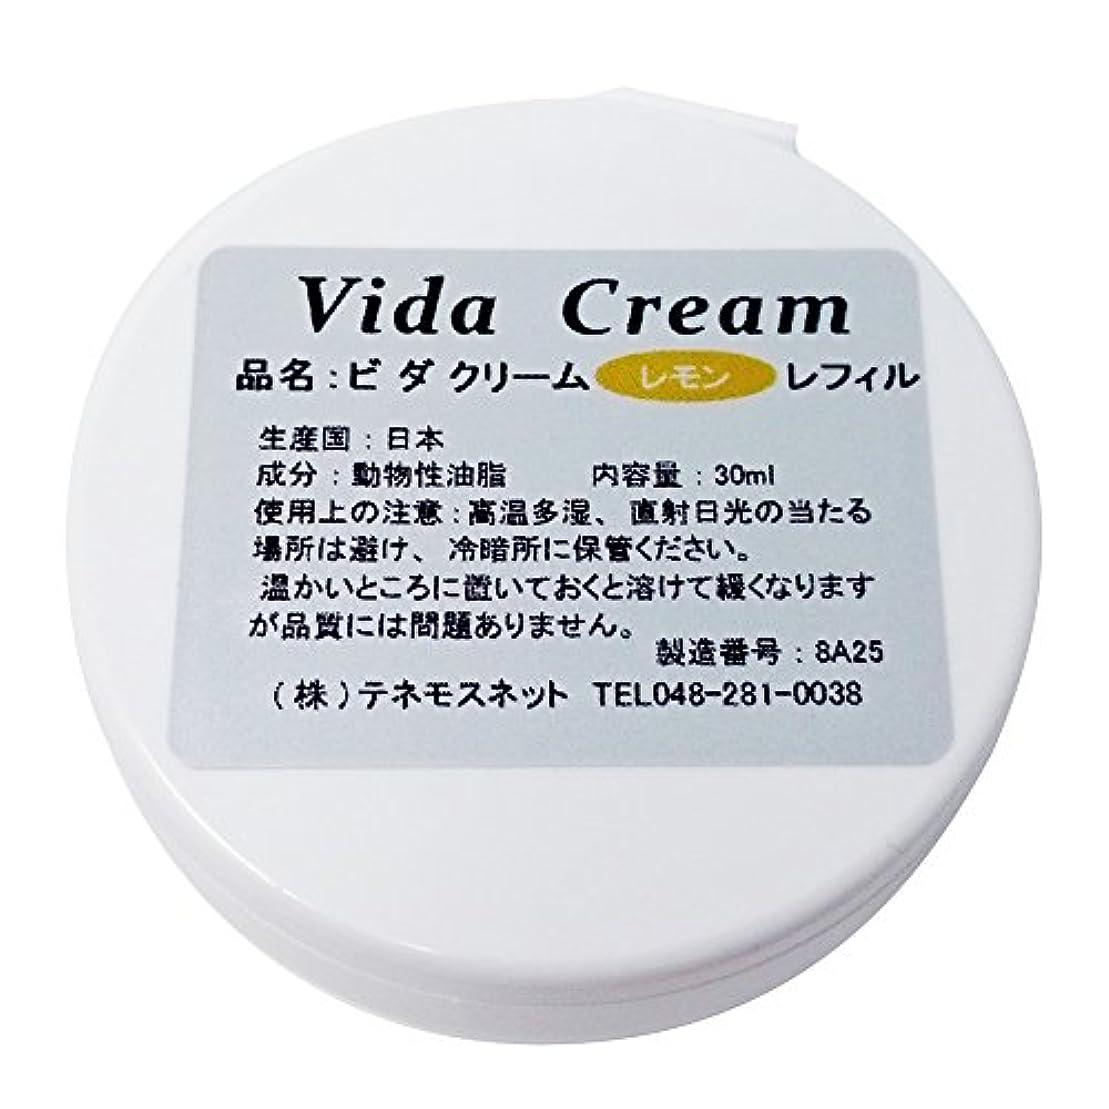 敏感な膨らませるフレットテネモス ビダクリーム Vida Cream ほのかレモン レフィル 付替用 30ml